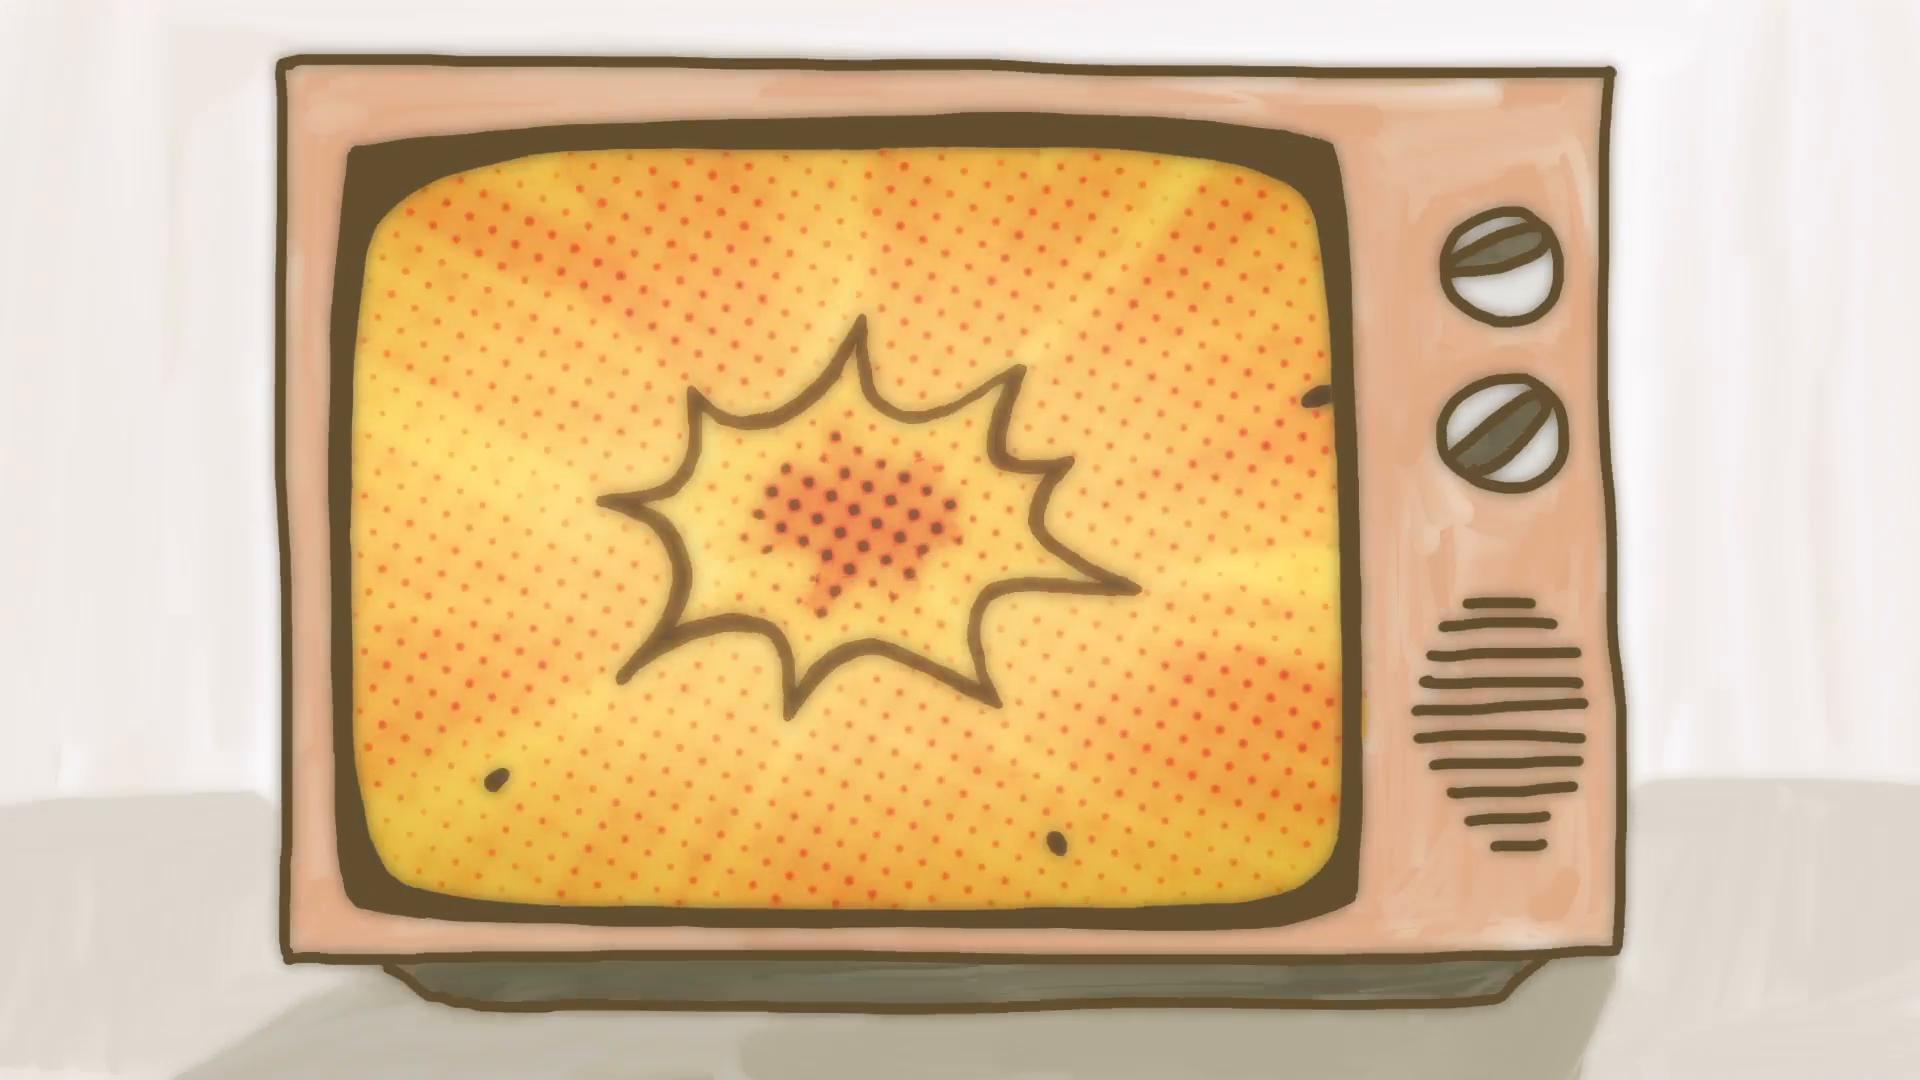 Drawn tv In Comic explosion in TV